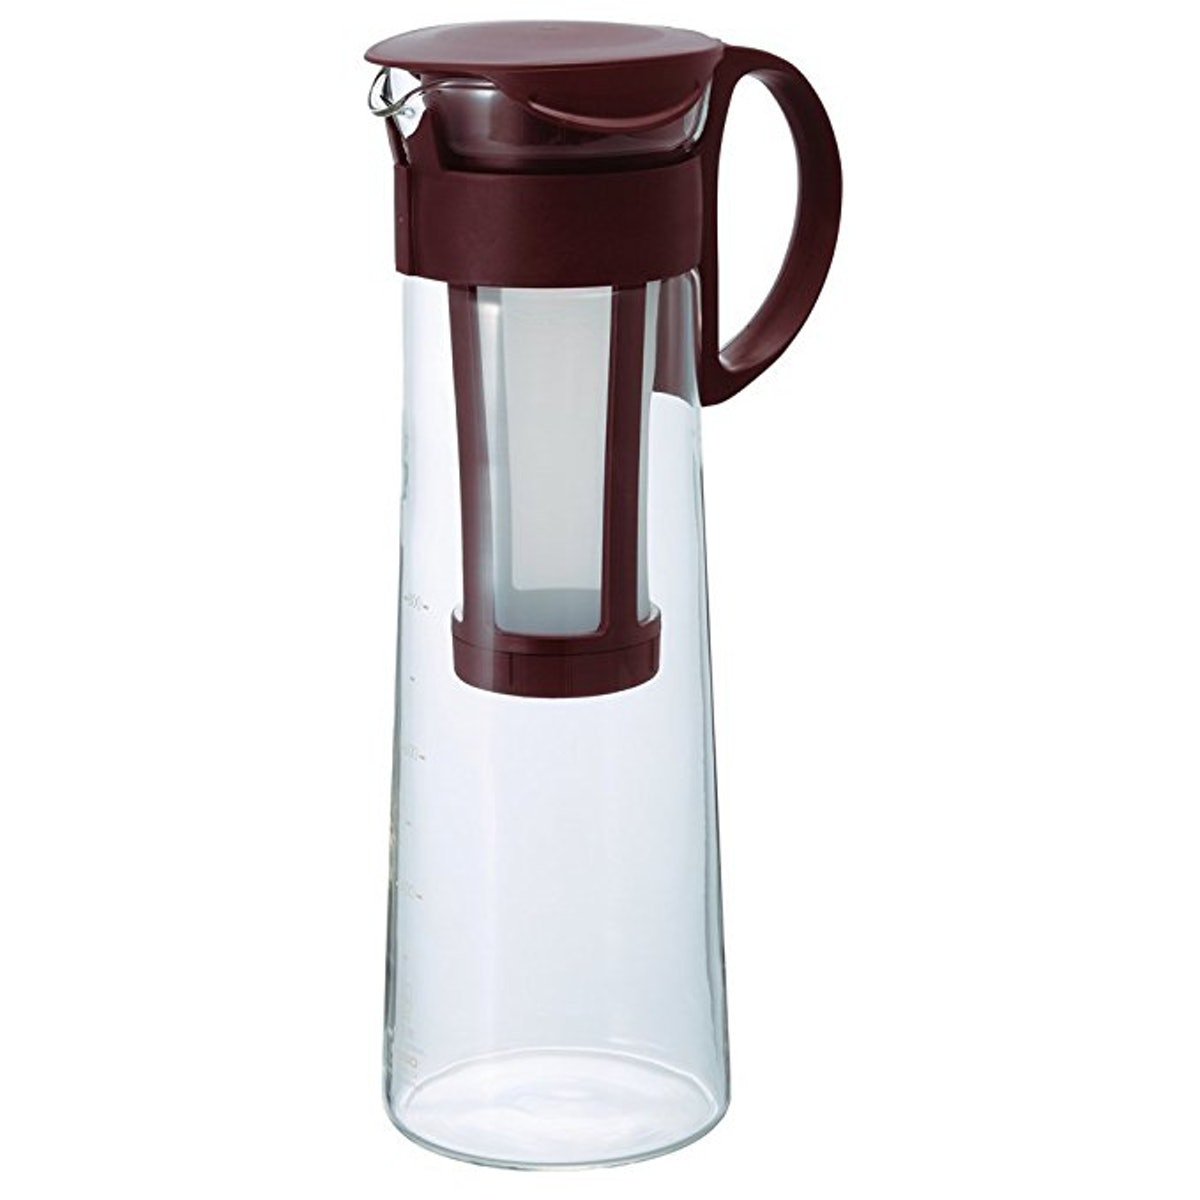 Harop Mizudashi Cold Brew Coffee Pot